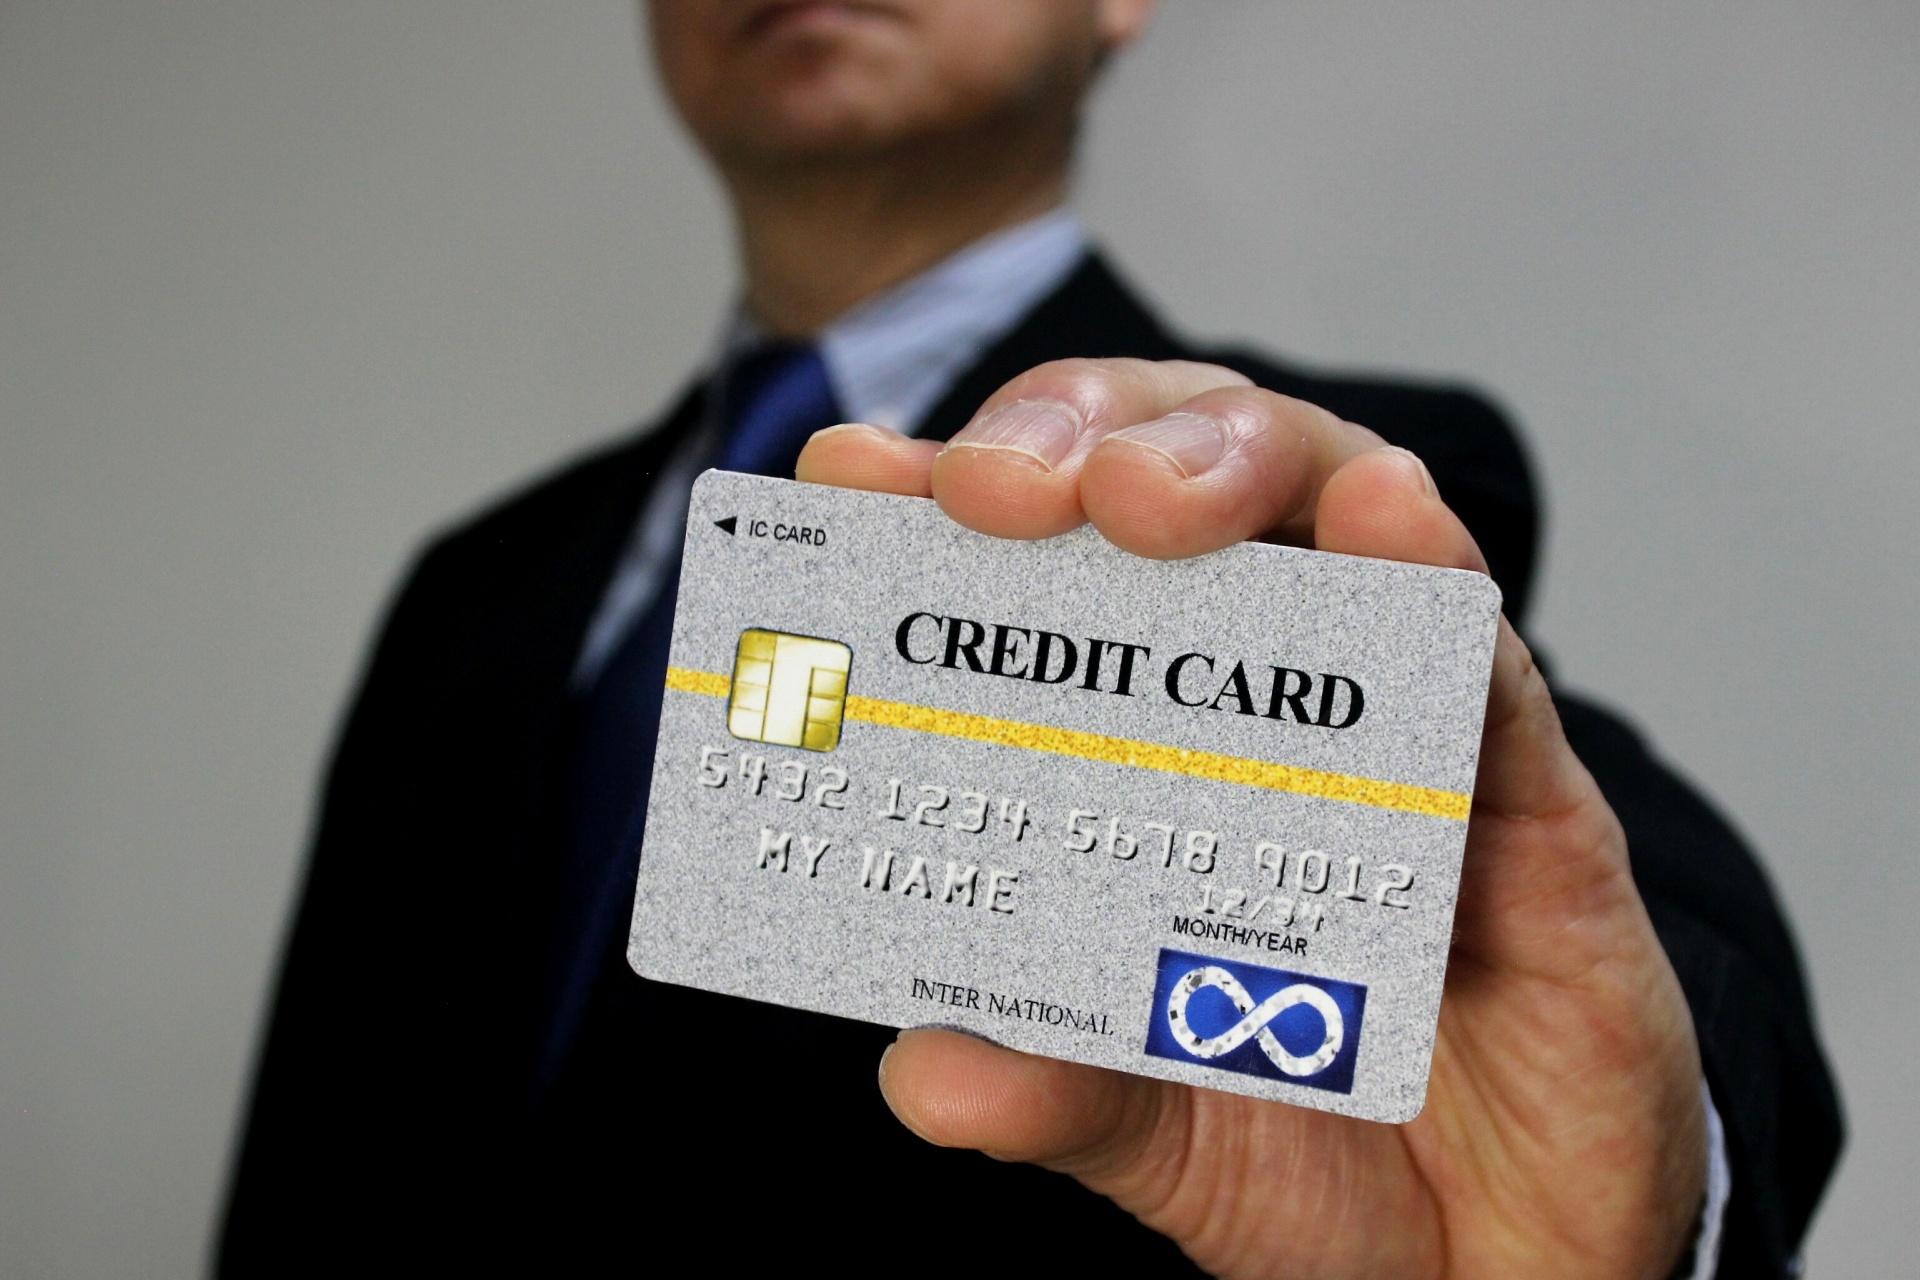 クレジットカード情報の非保持化対応 全国無料セミナー&相談会 に、弊社代表の堀川が相談先として参加して参りました